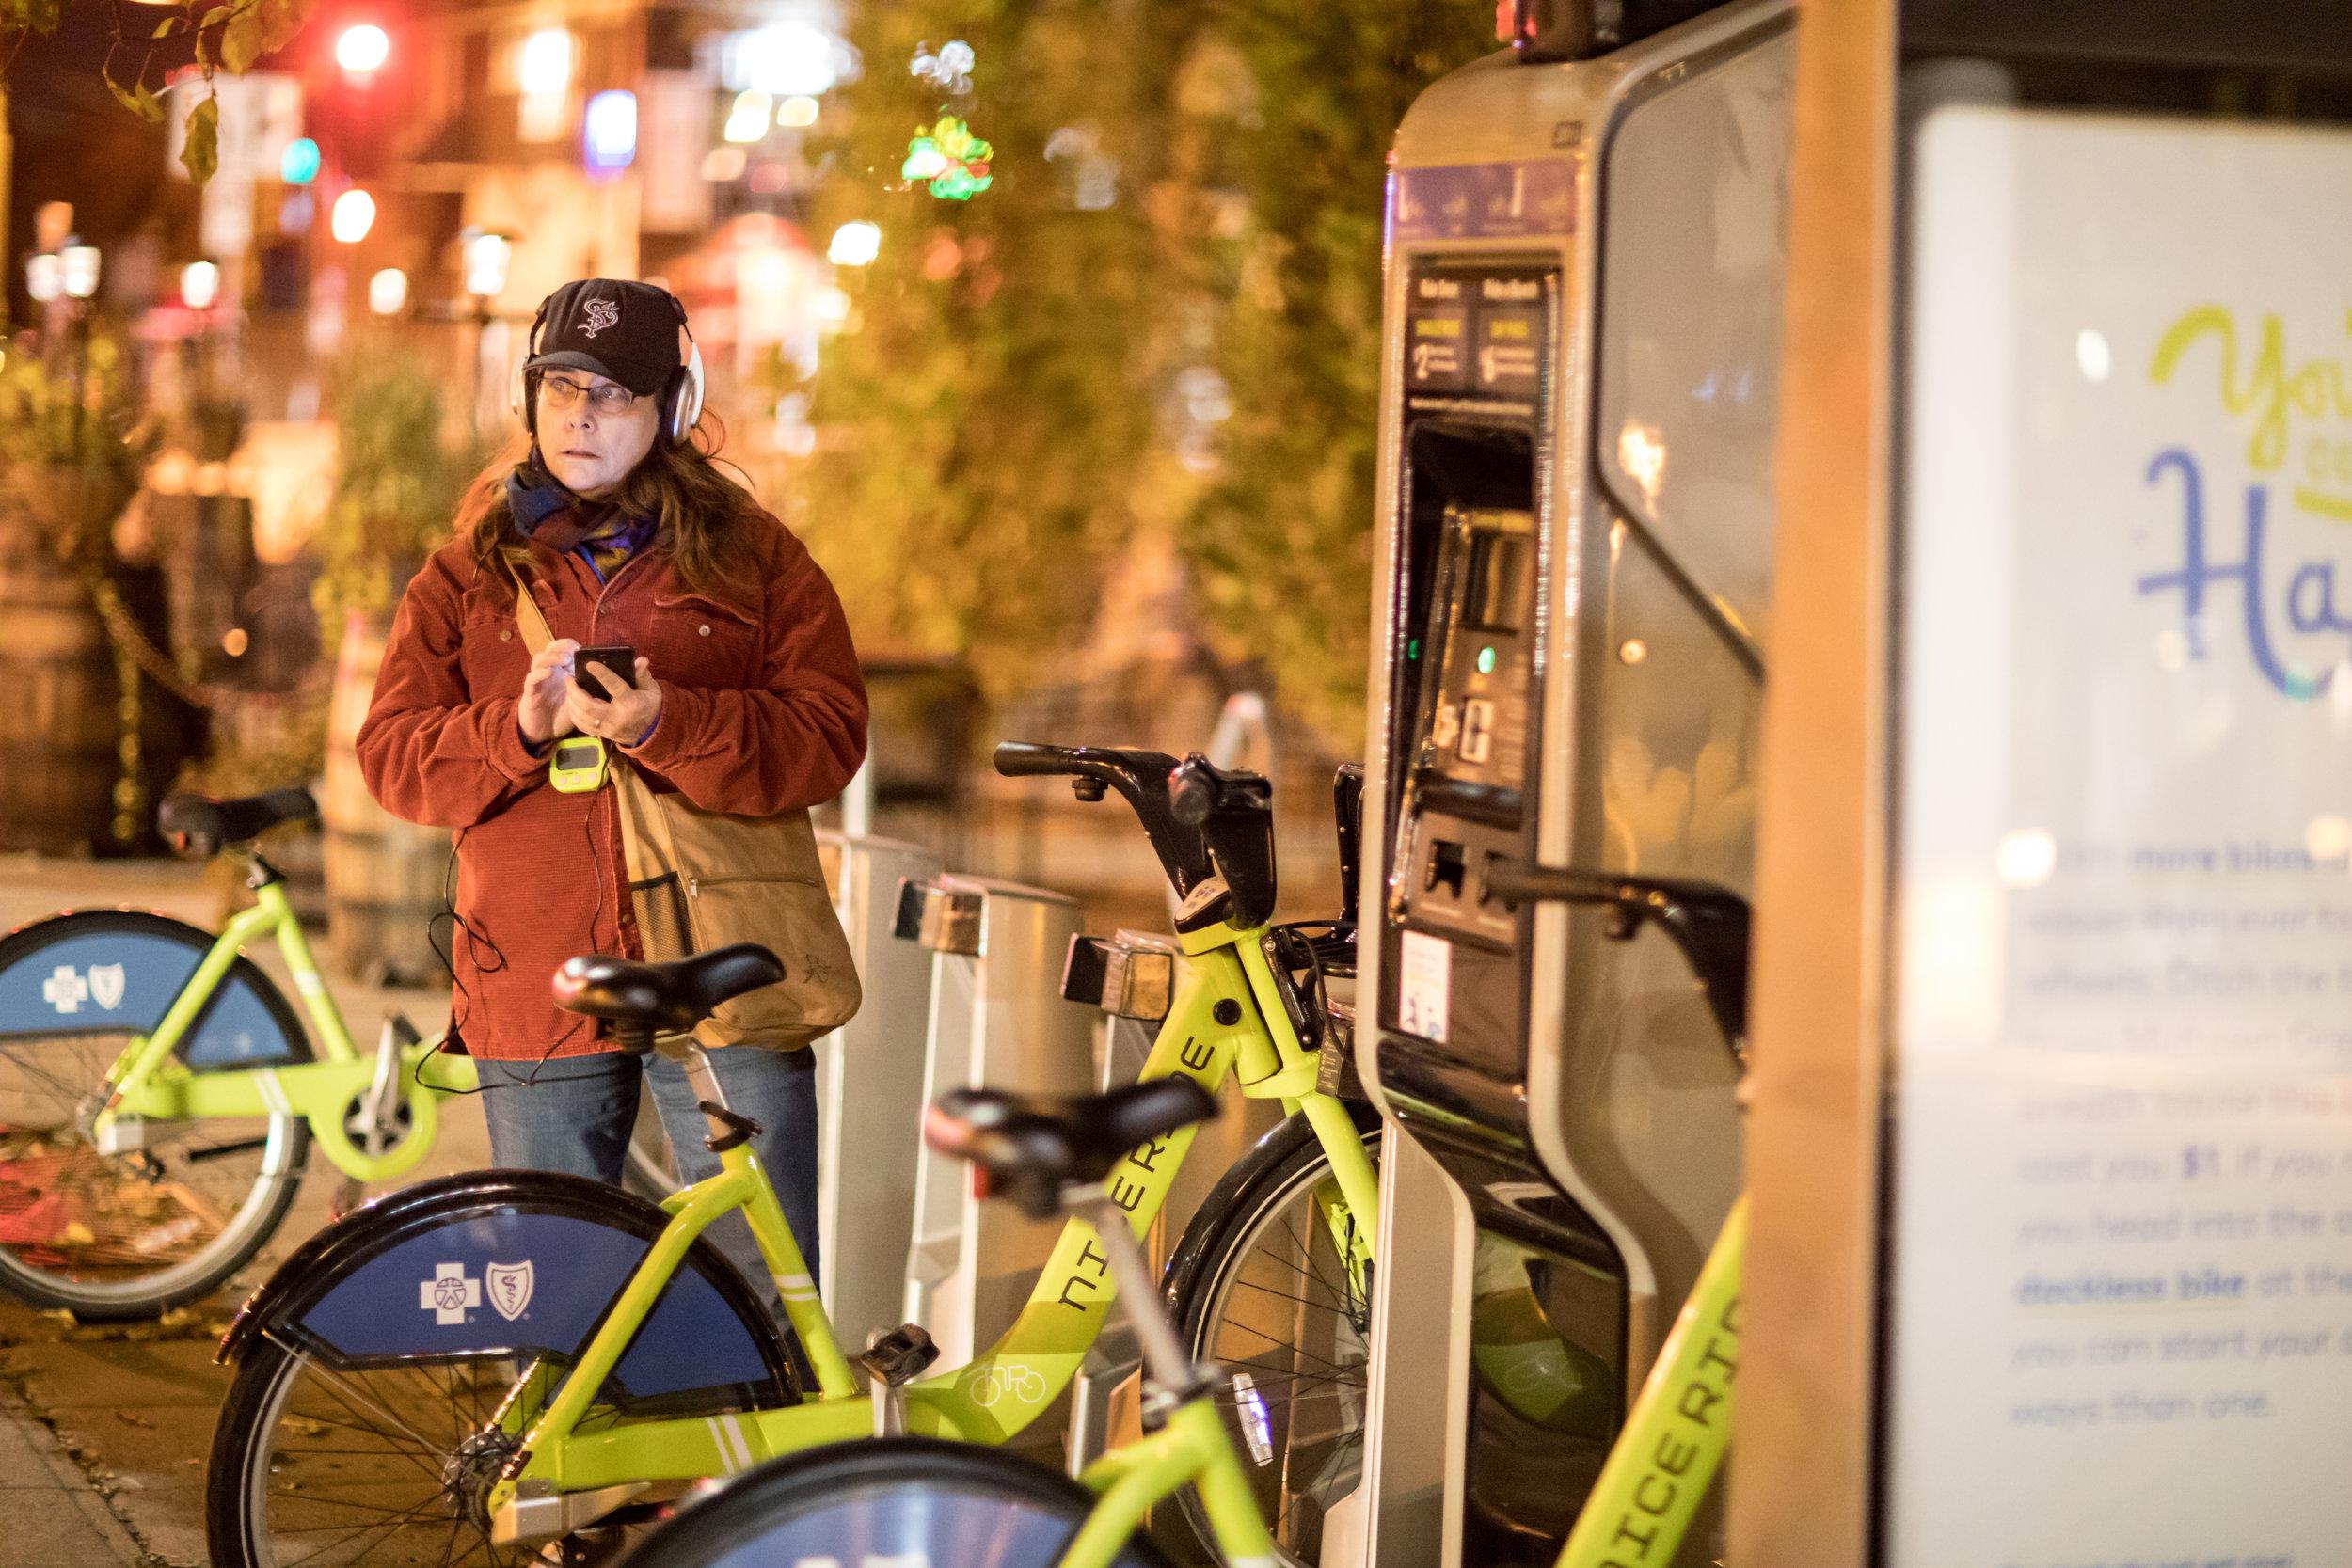 By bike rack.jpg